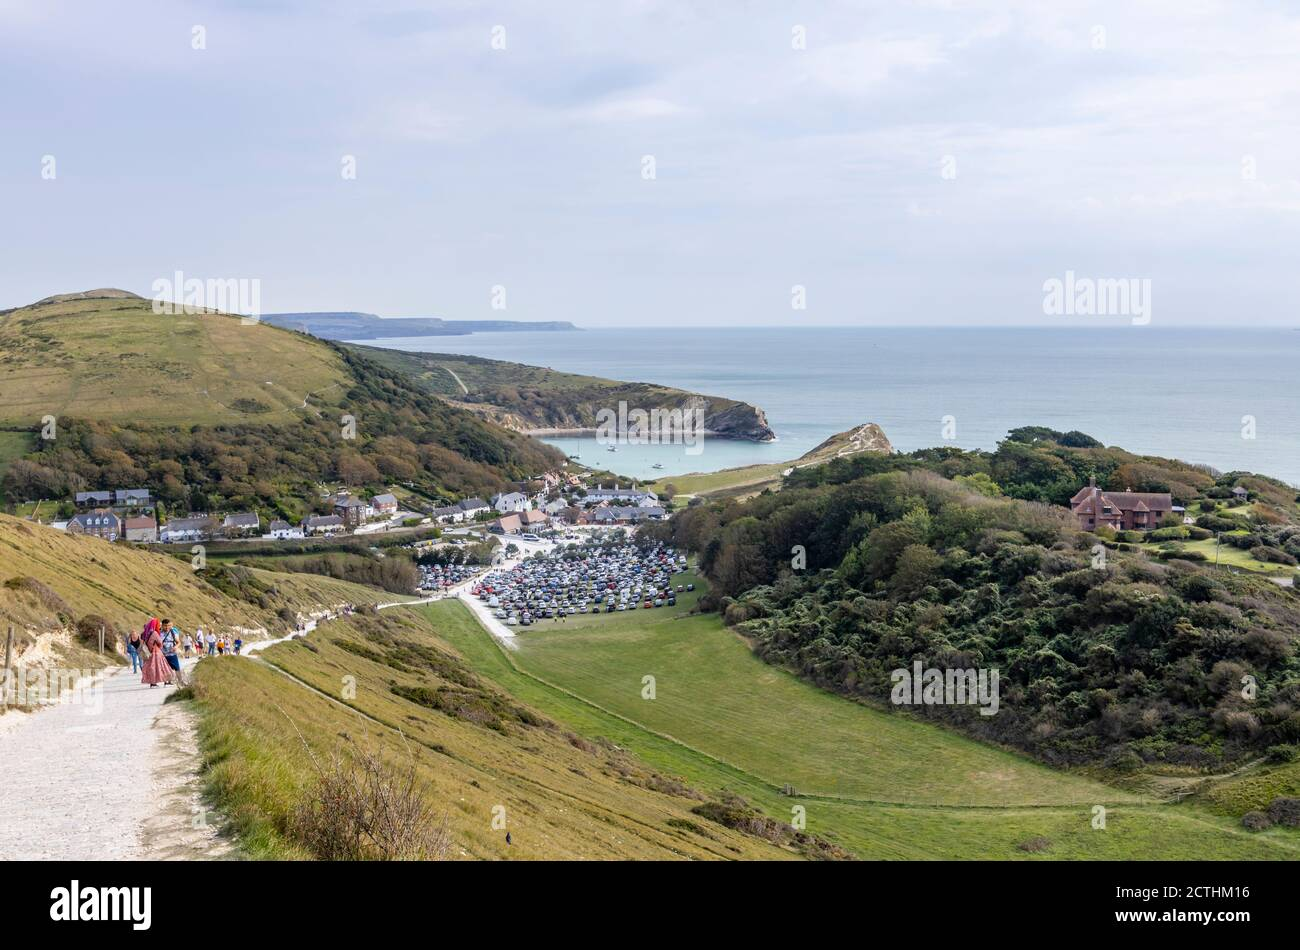 Vista panorámica de la costa desde la cima de un acantilado de Lulworth Cove y el South West Coast Path en el sitio de Patrimonio de la Humanidad de la Costa Jurásica en Dorset, al suroeste de Inglaterra Foto de stock